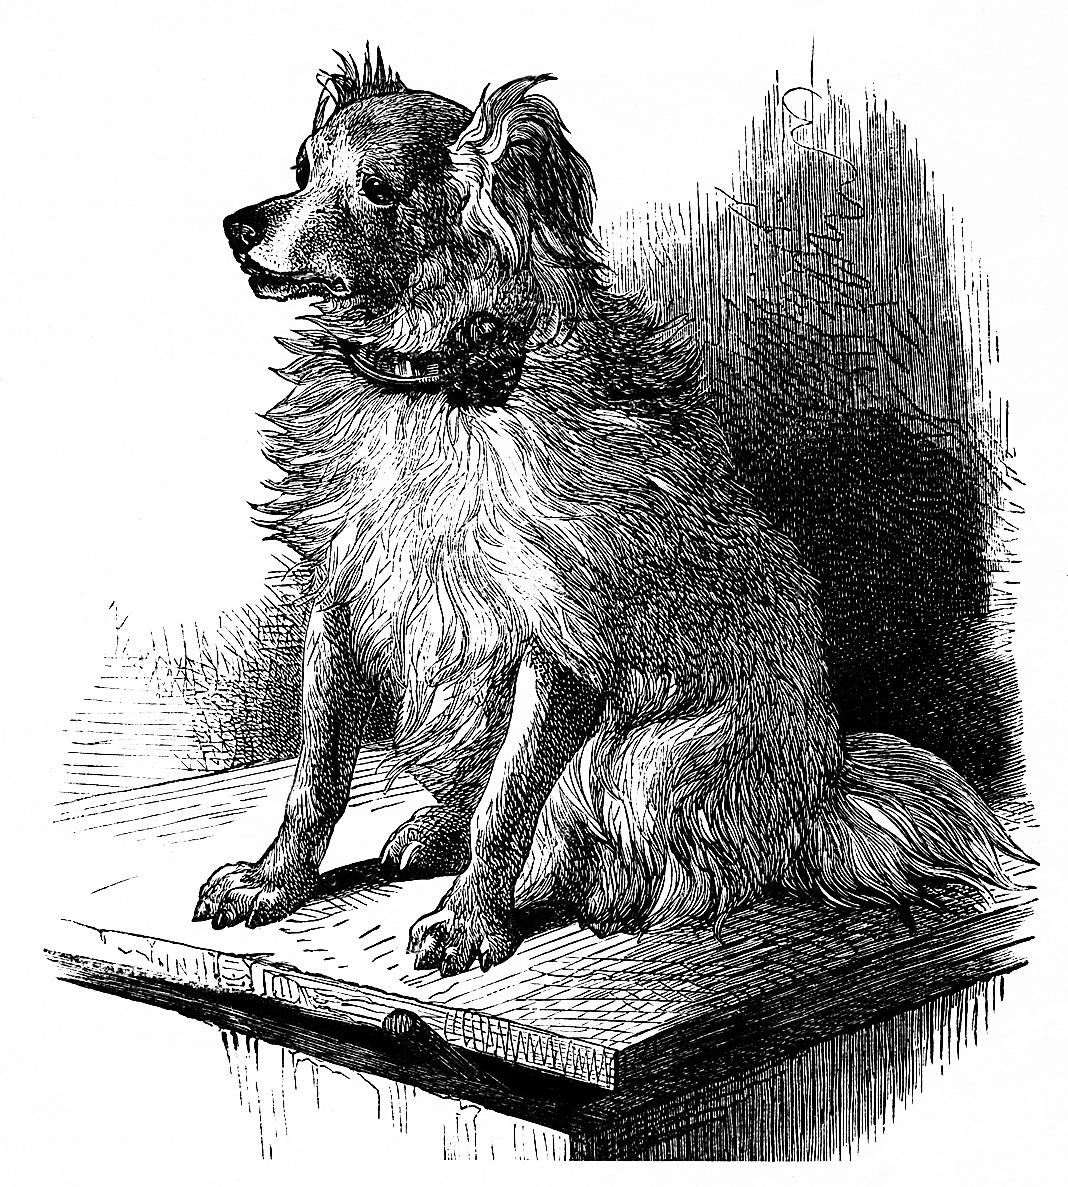 hight resolution of  free vintage printable dog image dog sketch vintage dog illustration free clipart dog